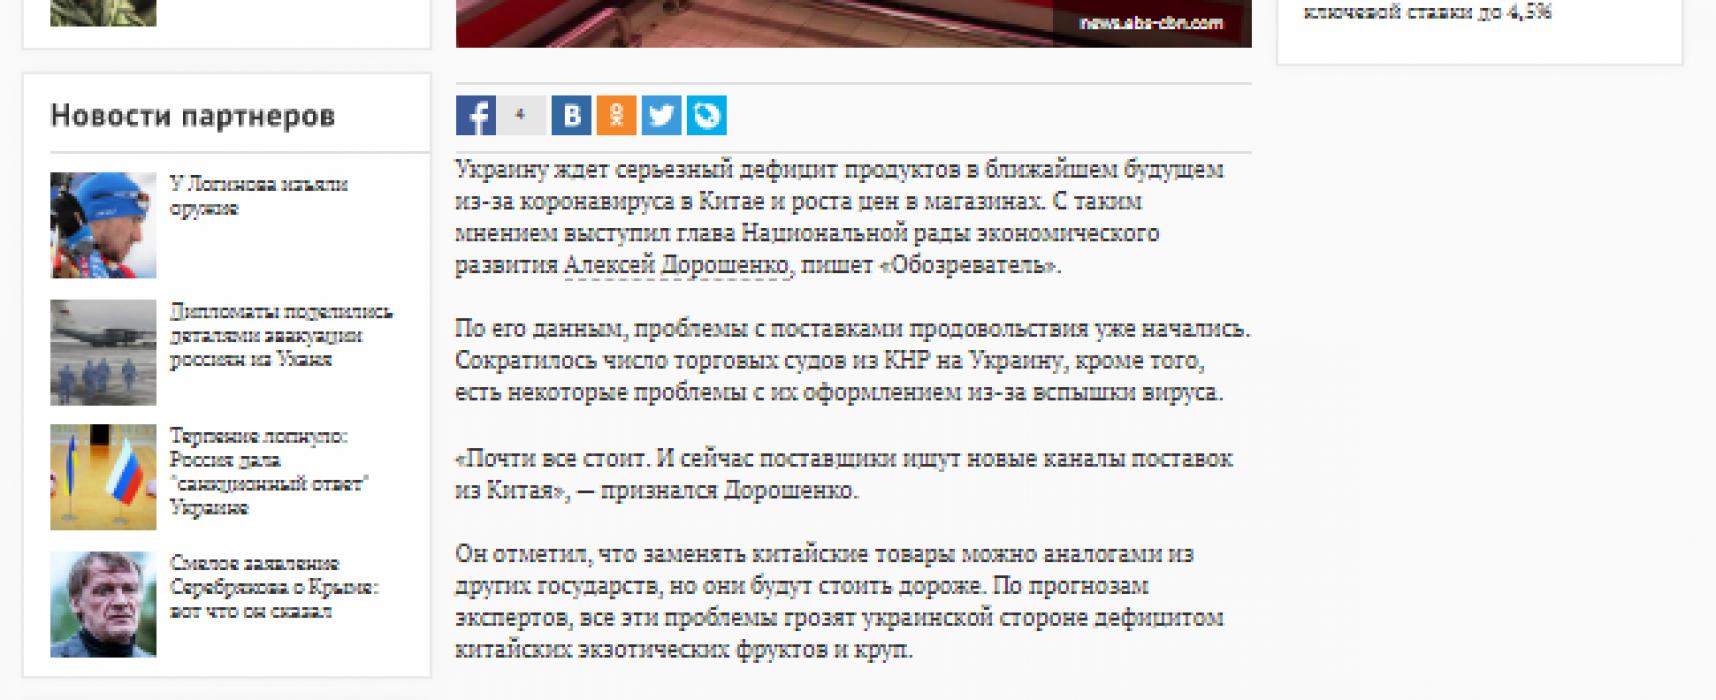 Фейк: Украину из-за коронавируса ждет продуктовый дефицит